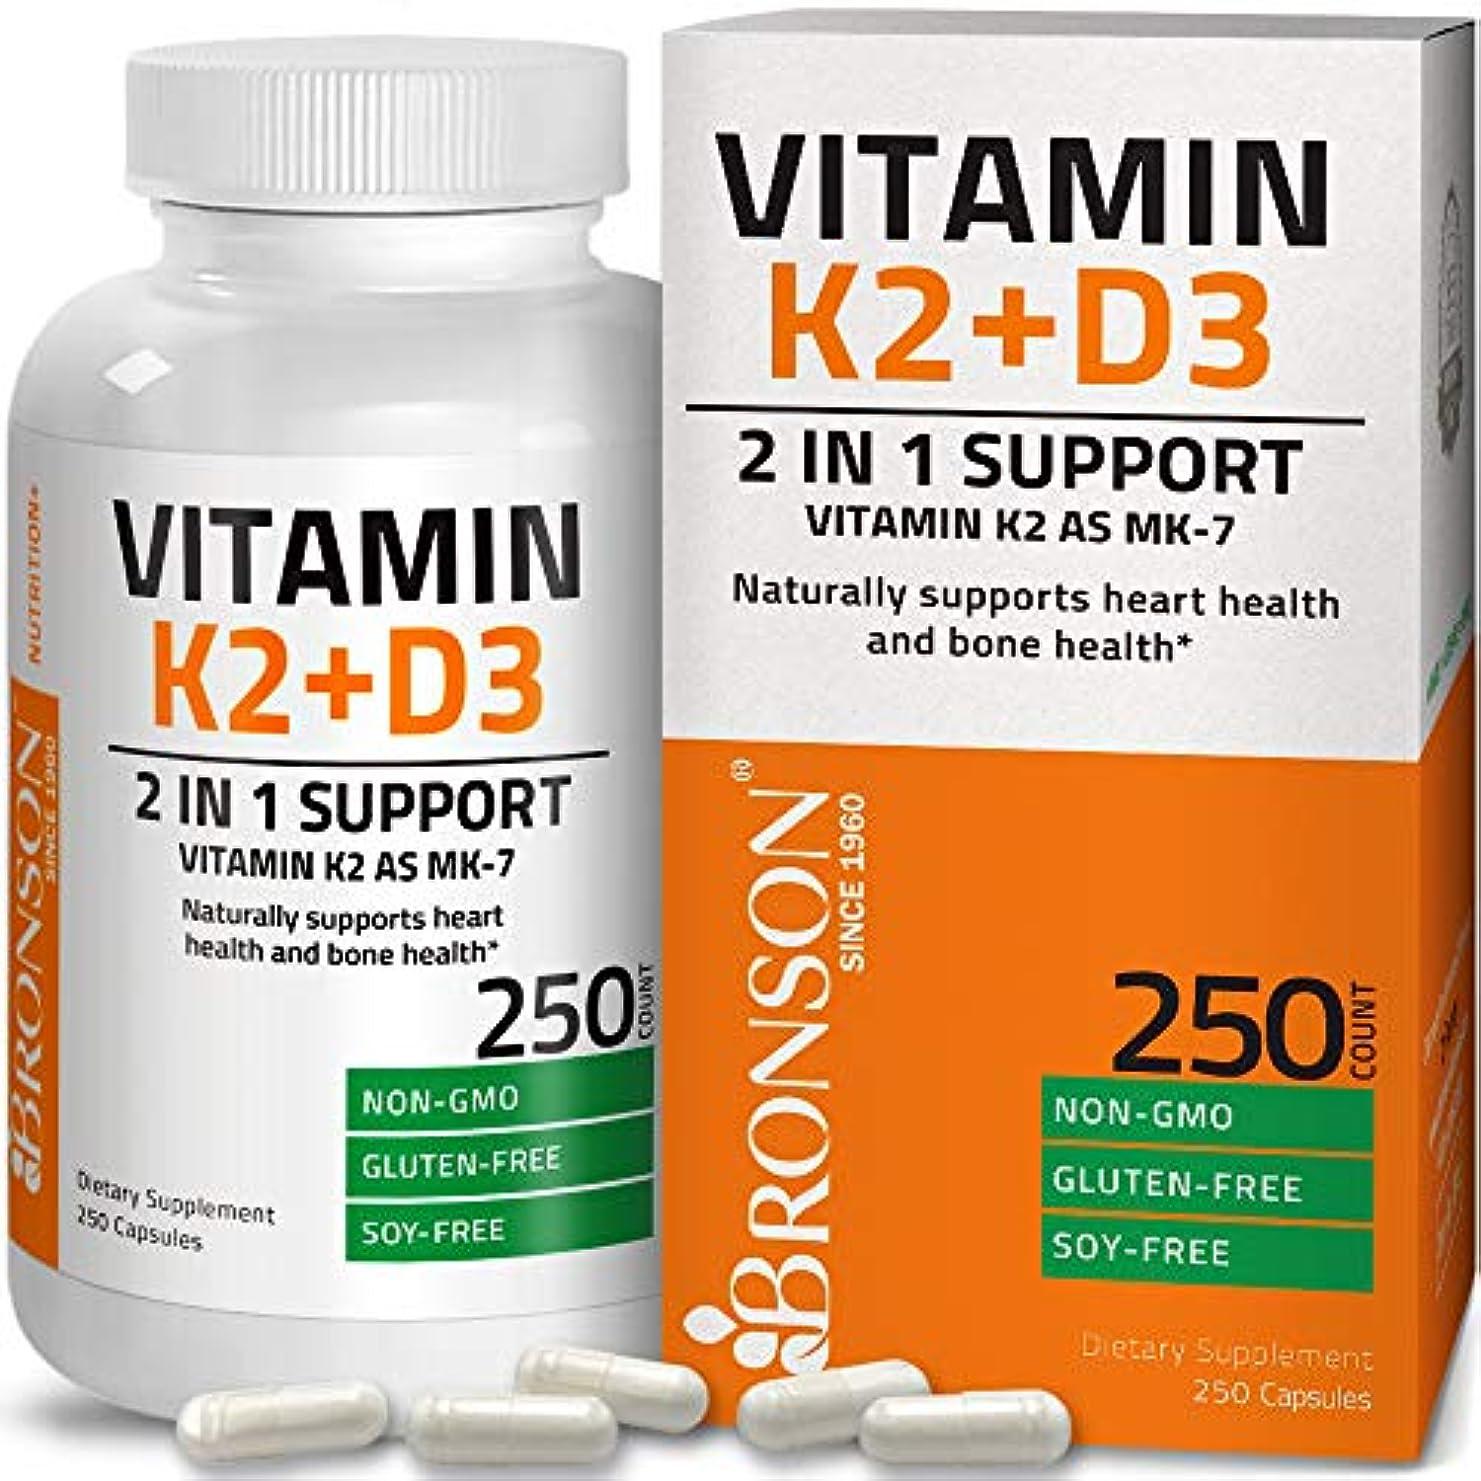 伝記イヤホントリッキービタミンD3配合ビタミンK2 (MK7として)サプリメント - 遺伝子組み換えでないグルテンフリー処方 - 5000 IU ビタミンD3 & 90 mcg ビタミンK2 MK-7 -ビタミンD & Kコンプレックス配合、...